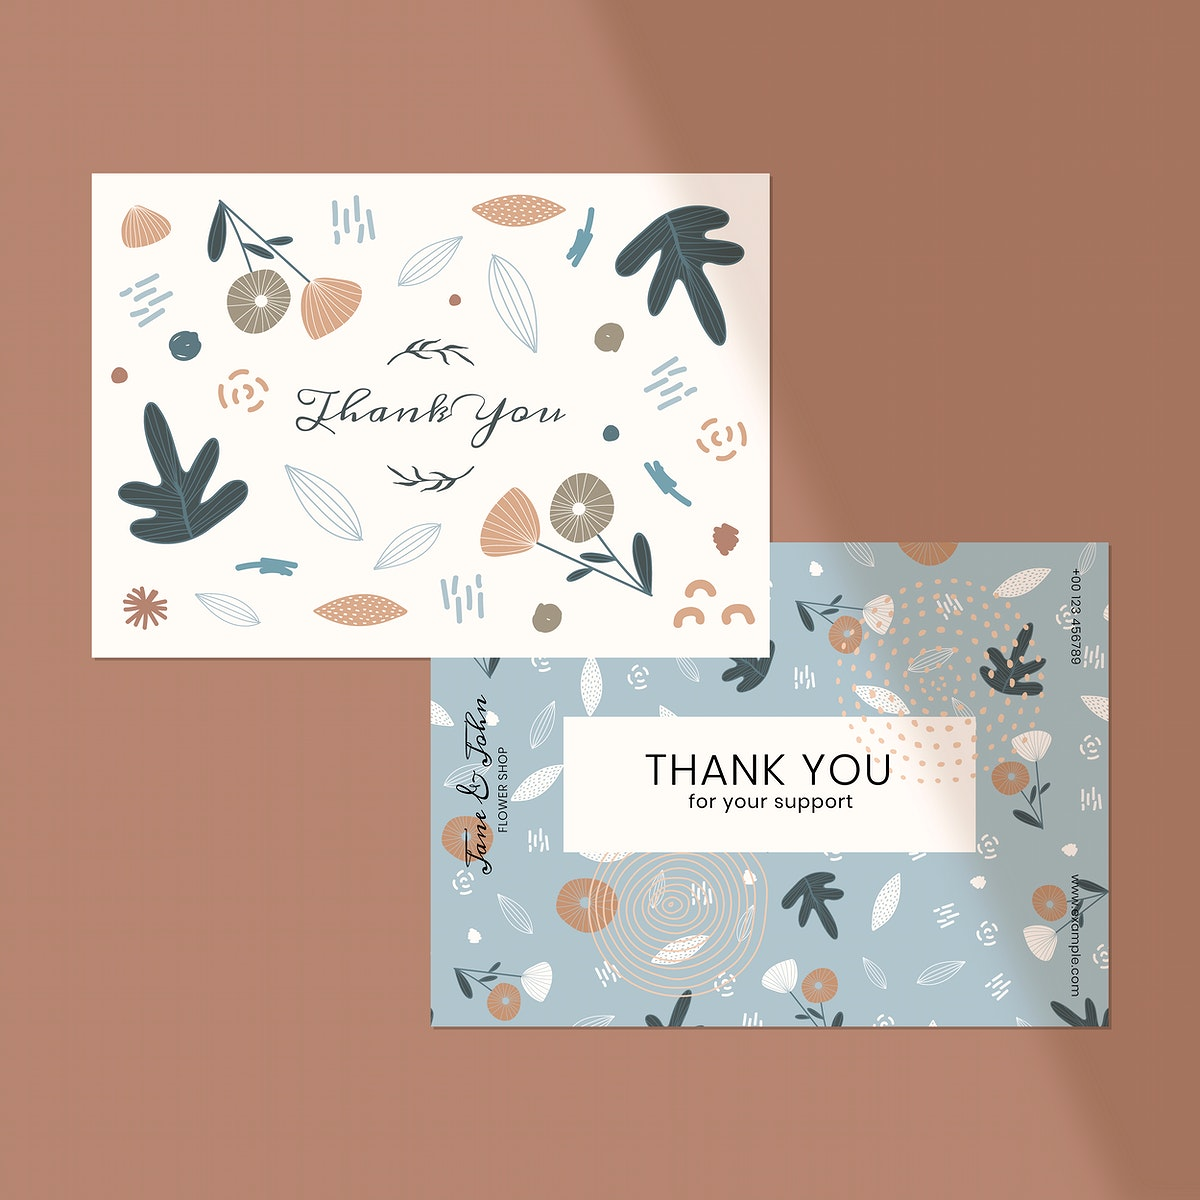 Thank you card design vector